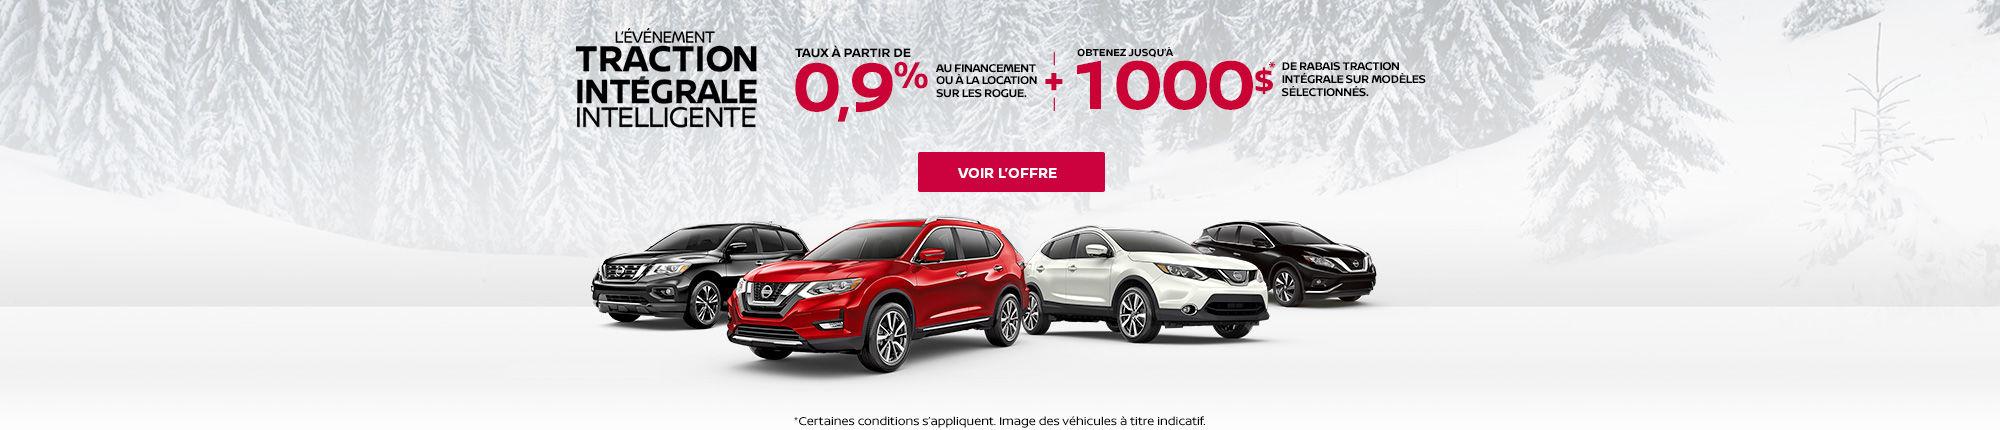 L'ÉVÉNEMENT TRACTION INTÉGRALE INTELLIGENTE! mobile (Copie)